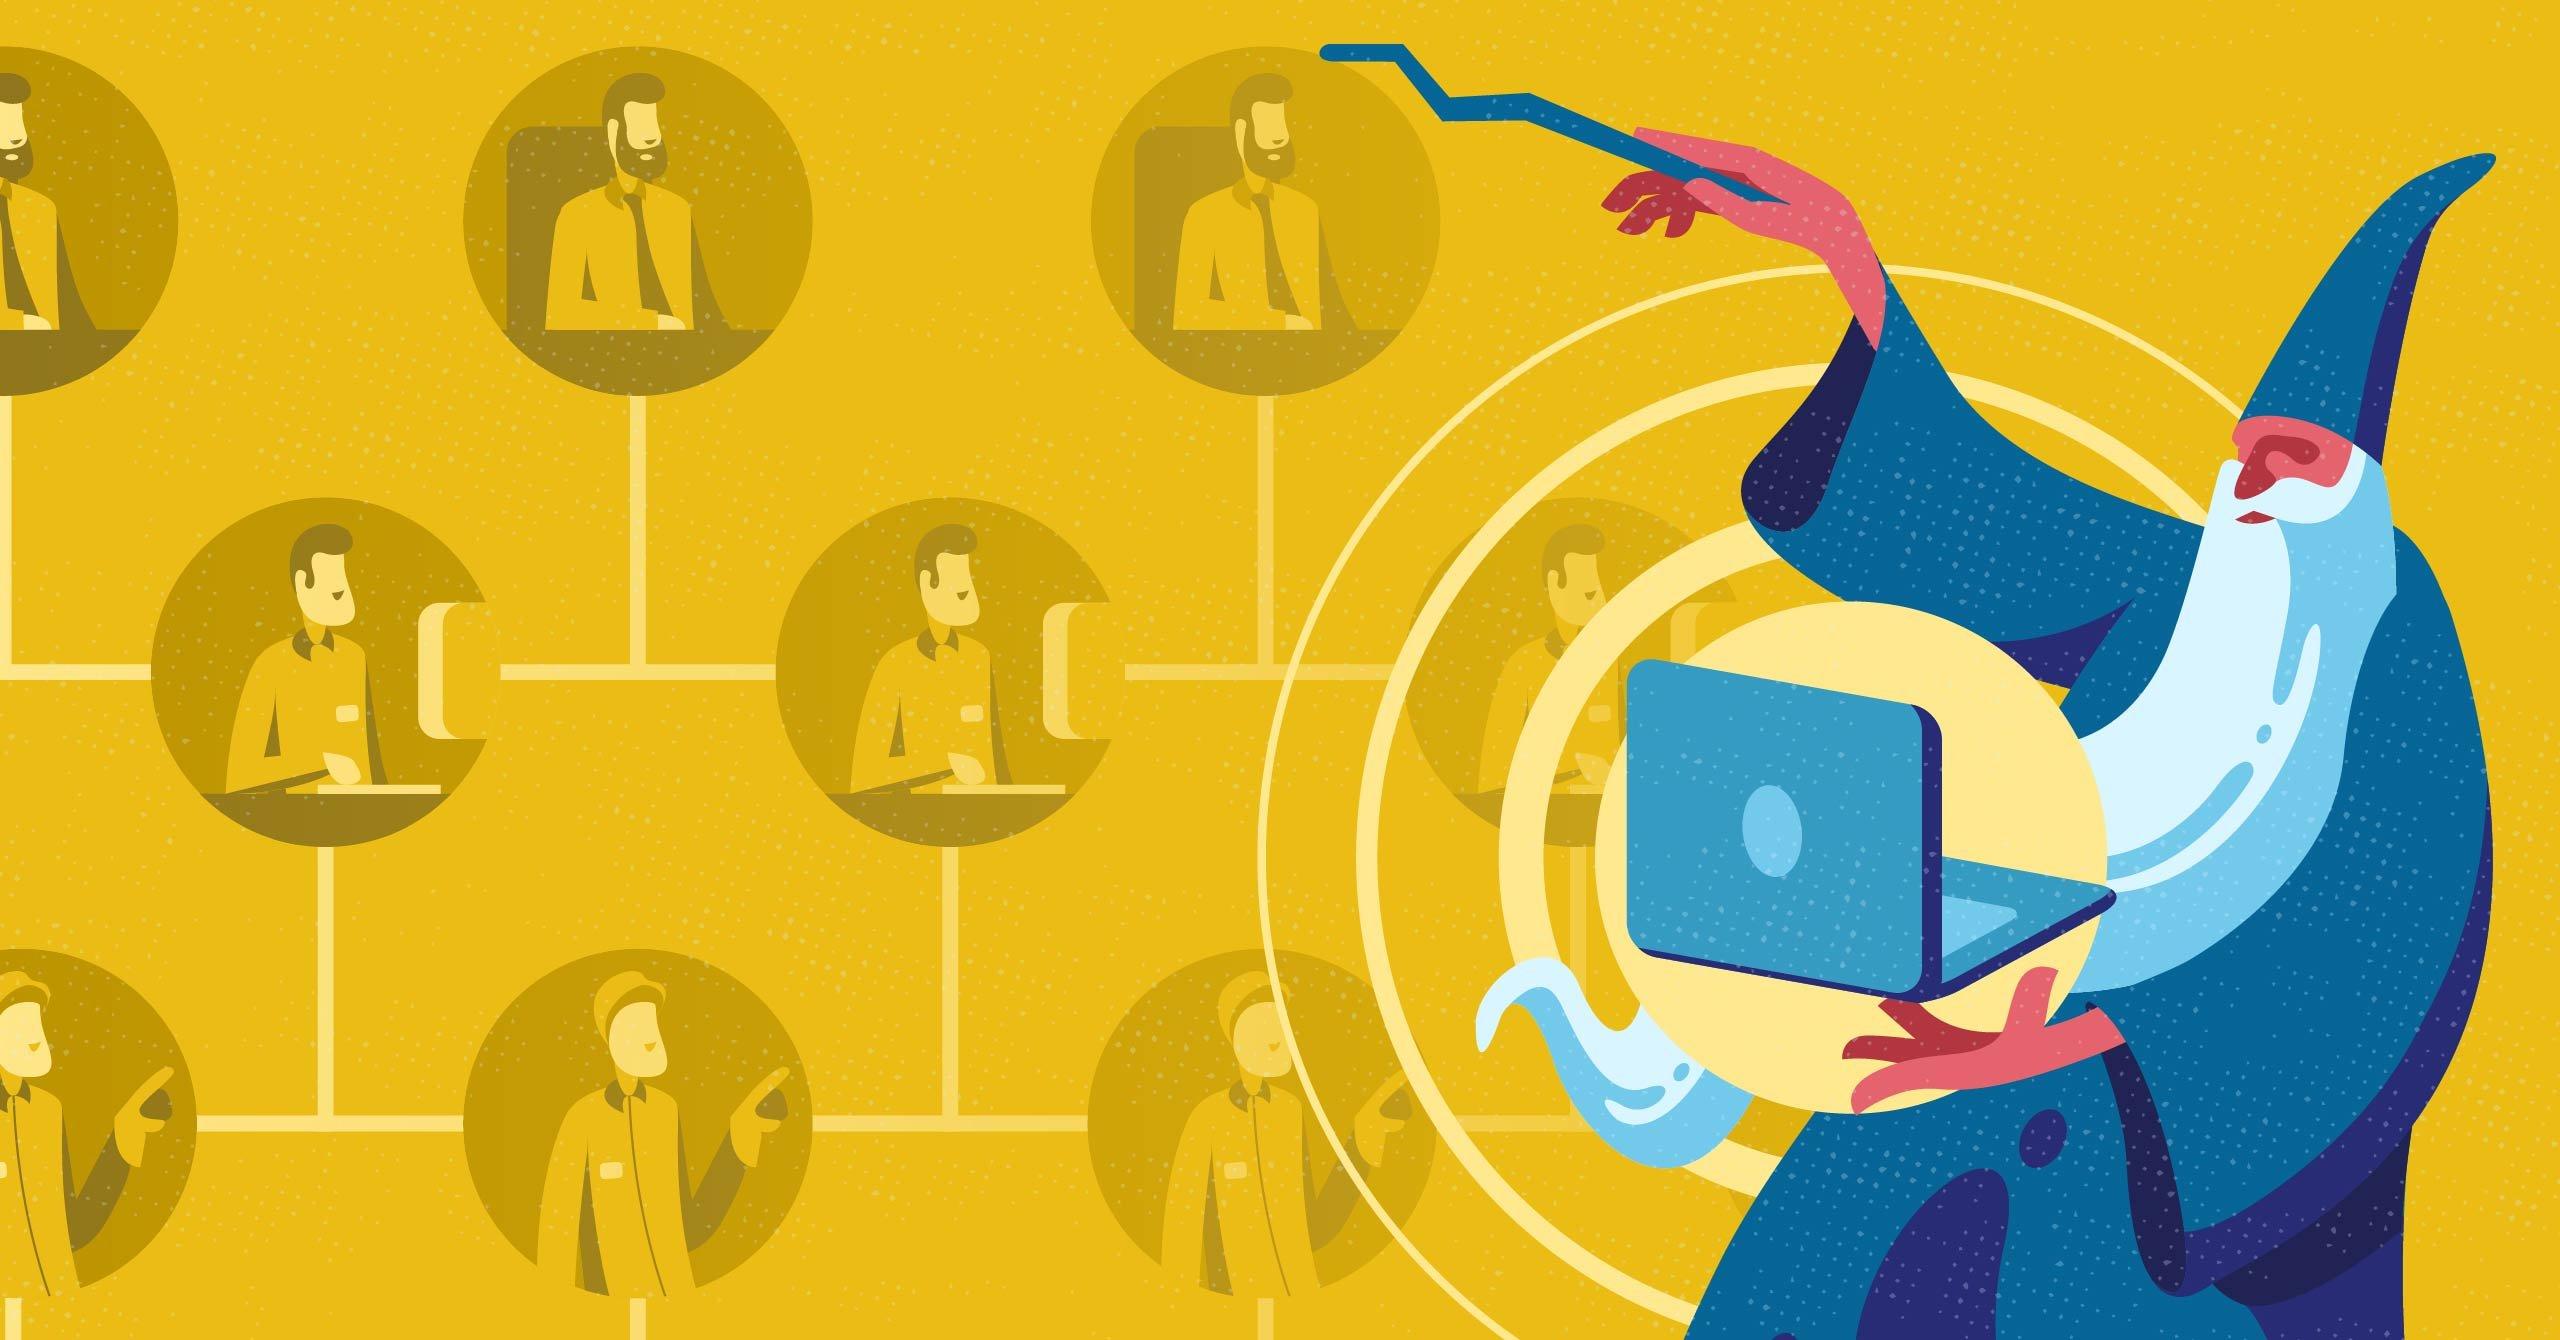 Come individuare le competenze digitali su cui investire per digitalizzazione dell'azienda